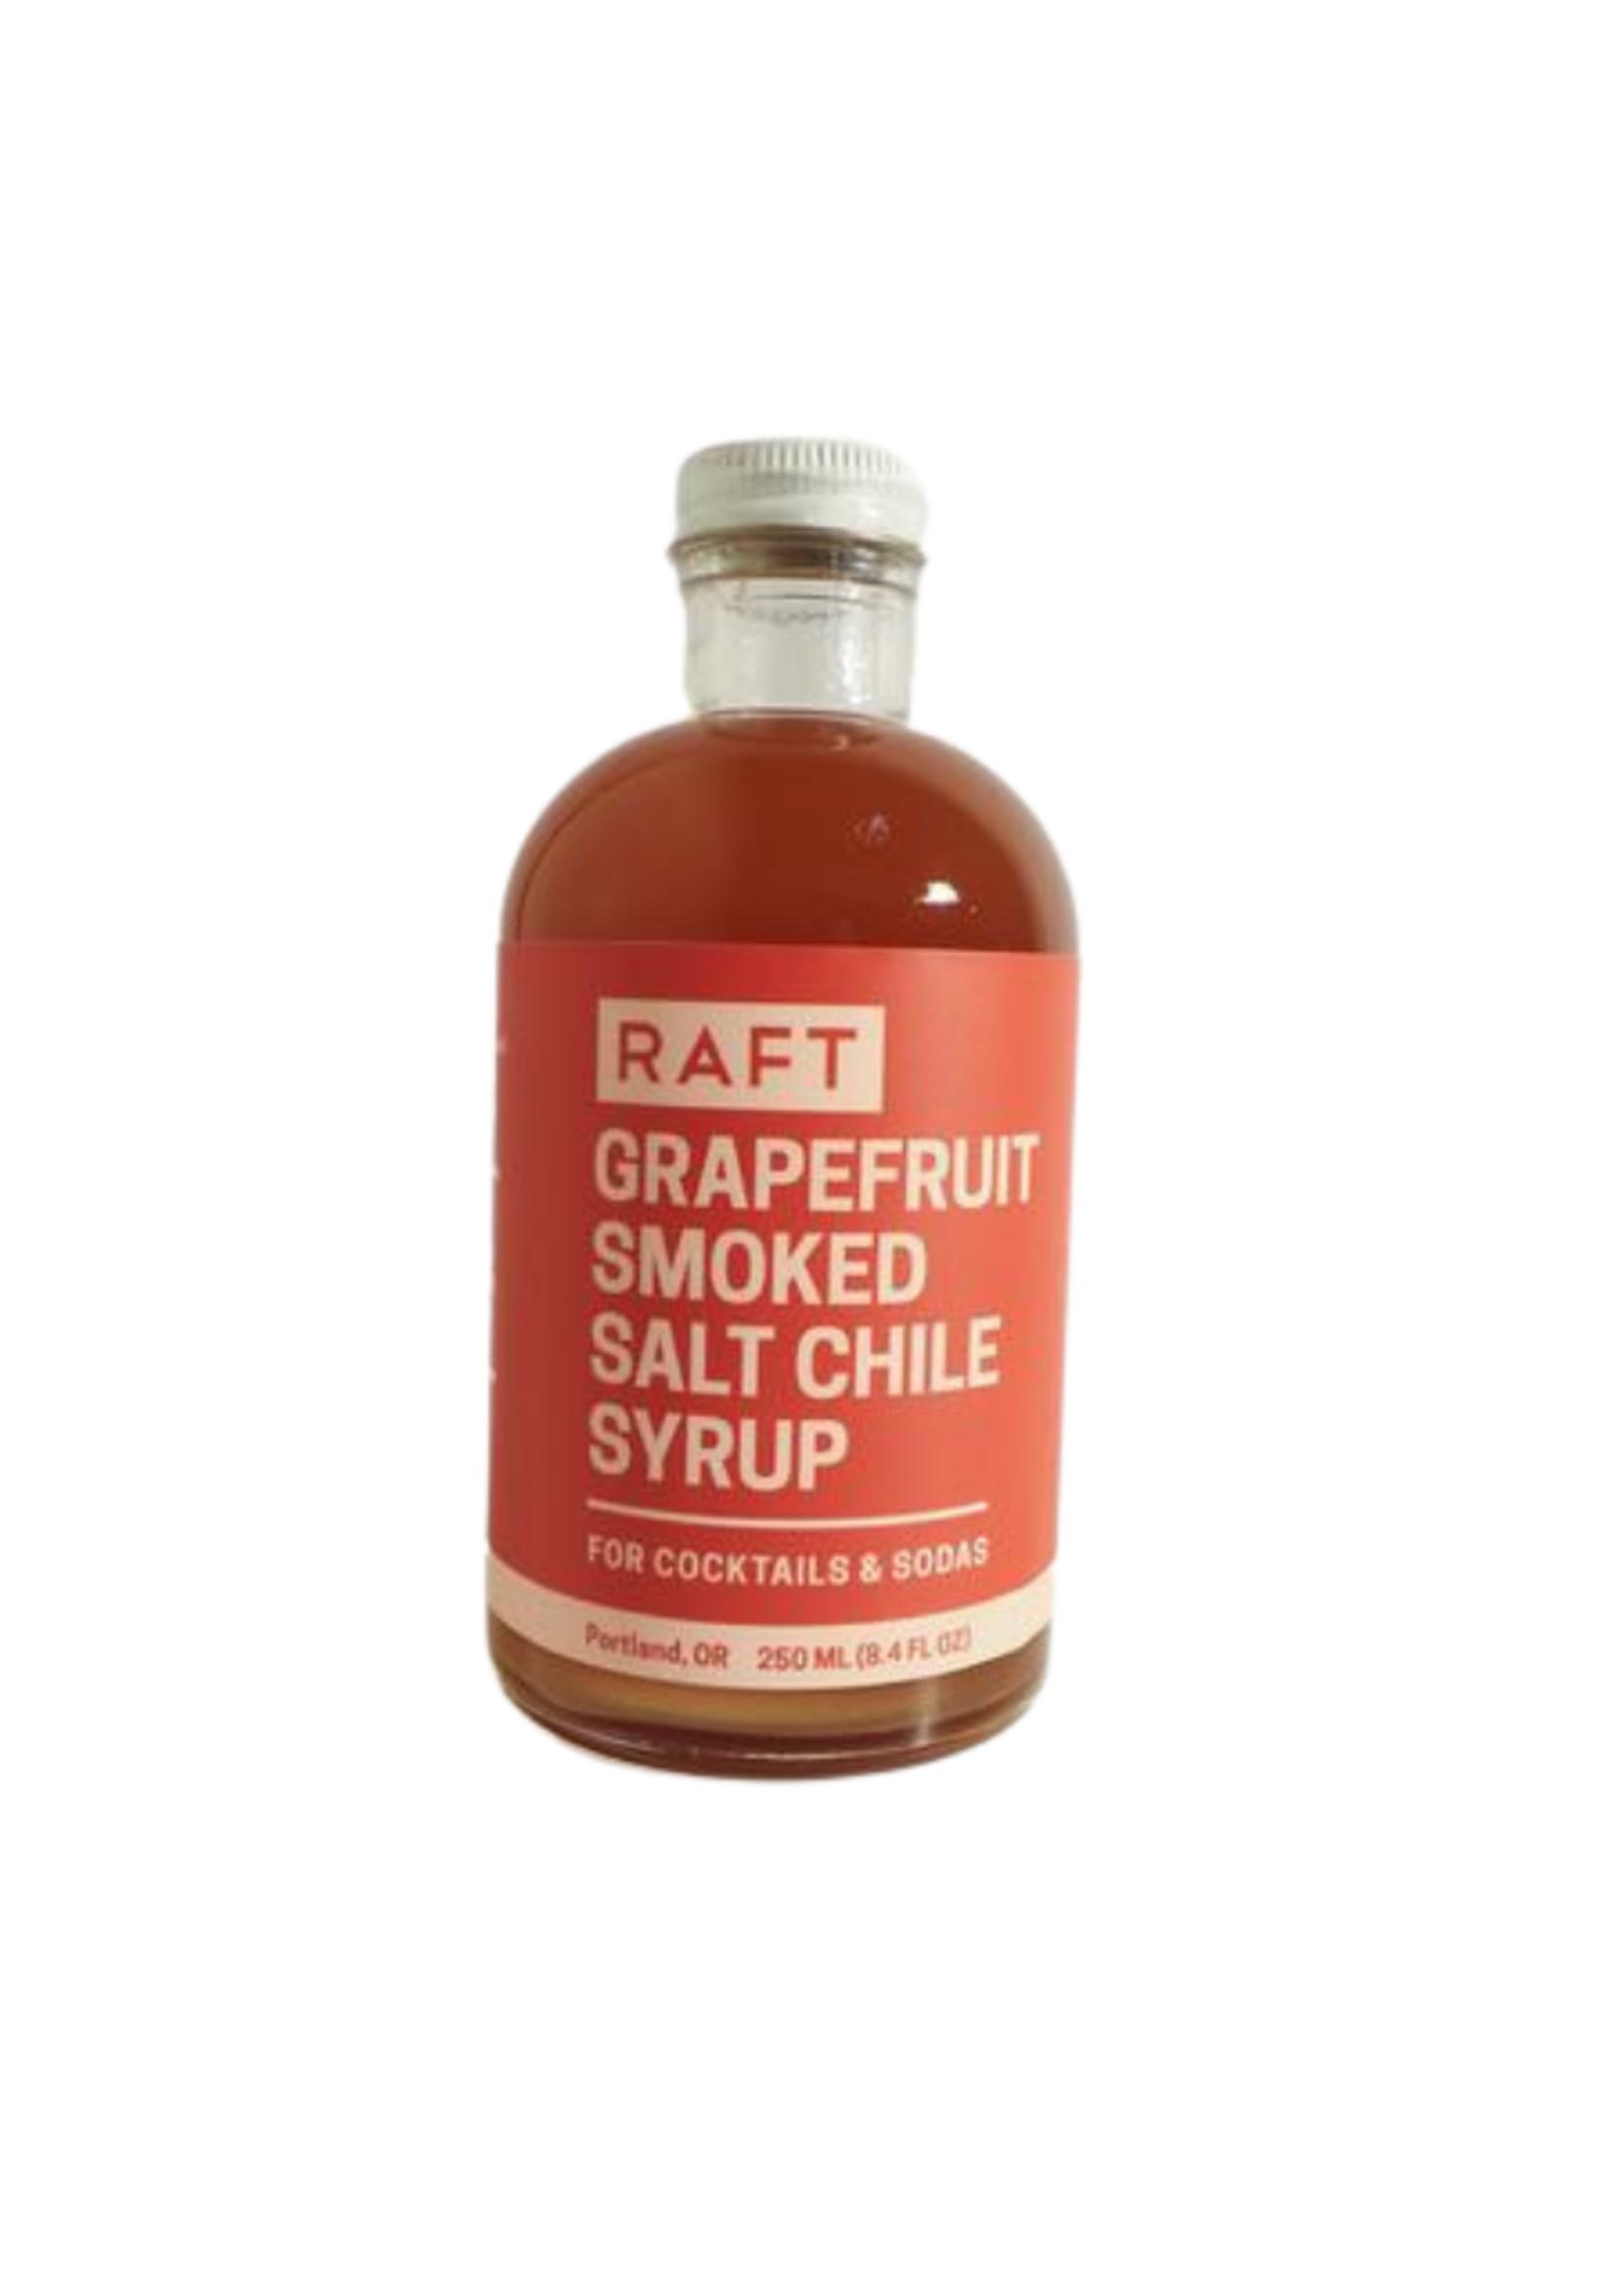 RAFT Grapefruit Chile and Smoked Salt Syrup